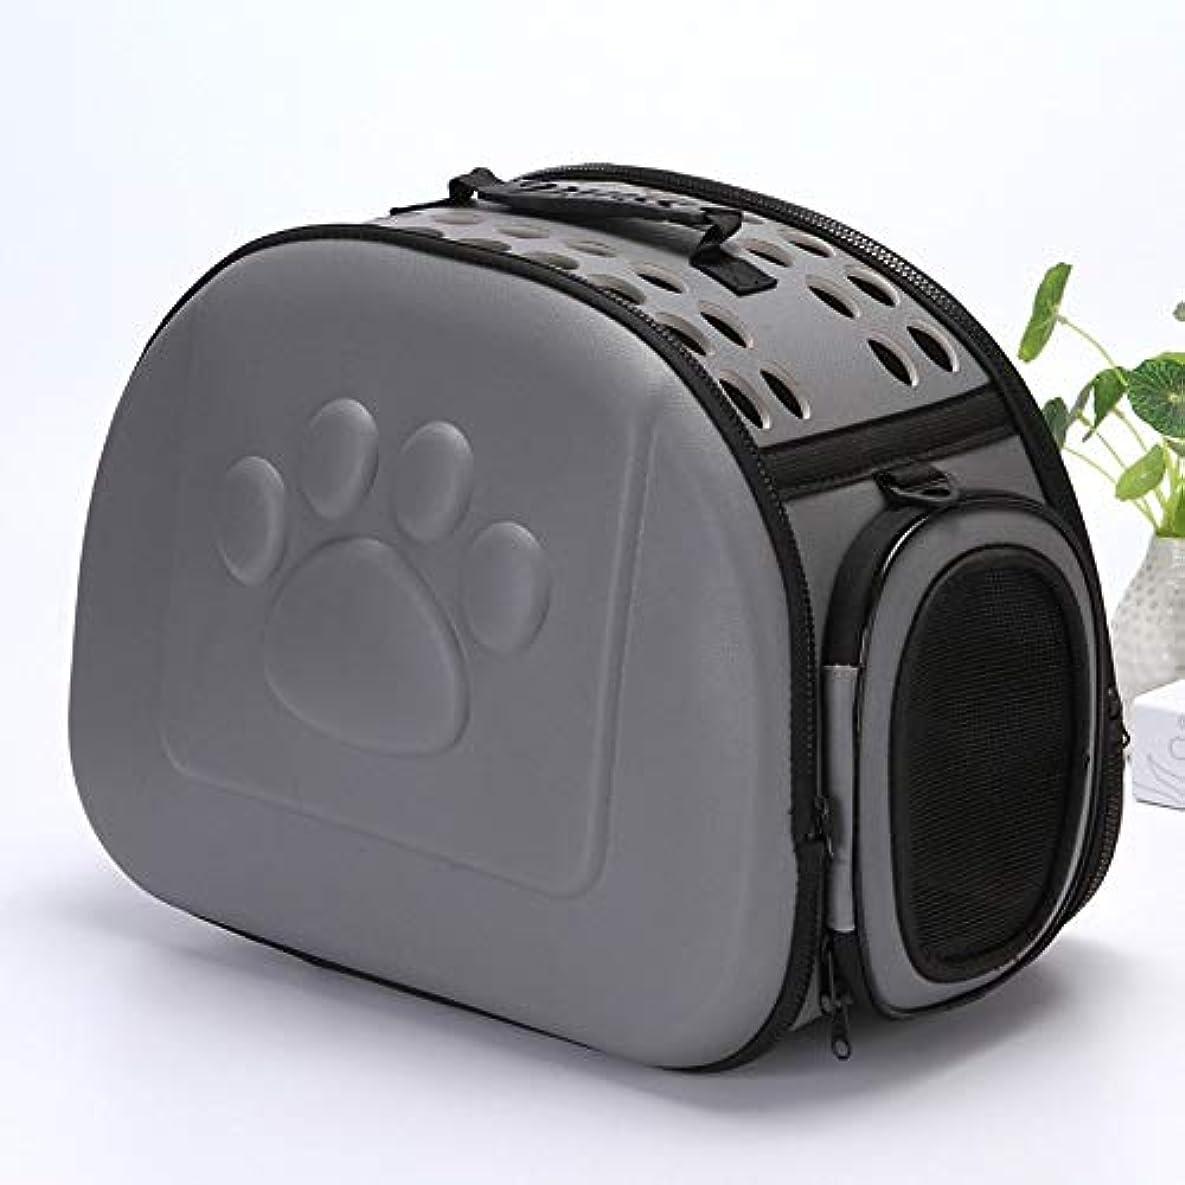 雨自慢空中Frtheyh EVA折りたたみ式透明ペット バックパック通気性スペース カプセル キャリア トラベラー用猫と犬4色を選択できます (色 : グレー)